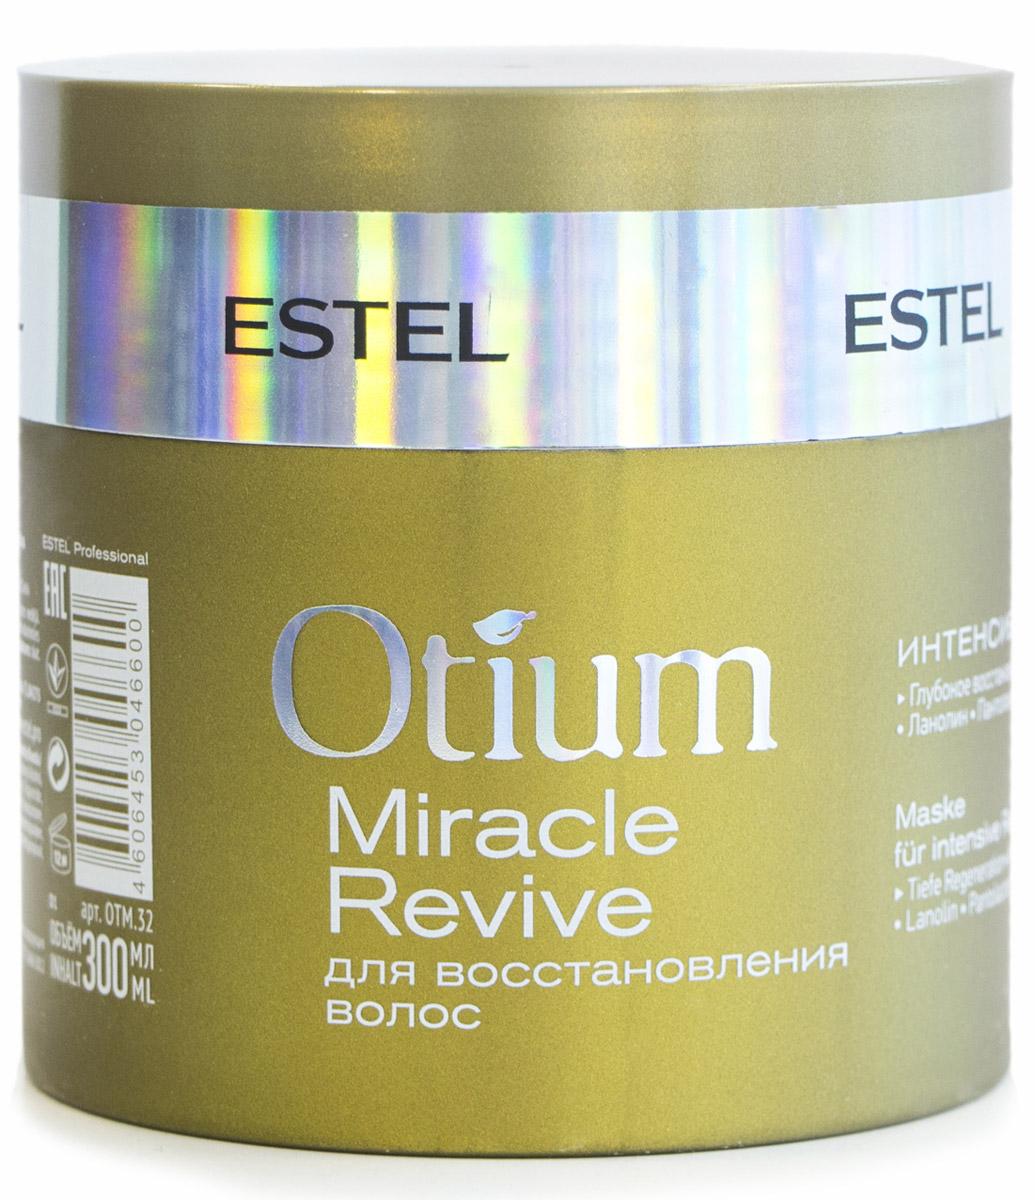 Estel Интенсивная маска для восстановления волос Otium Miracle Revive, 300 мл